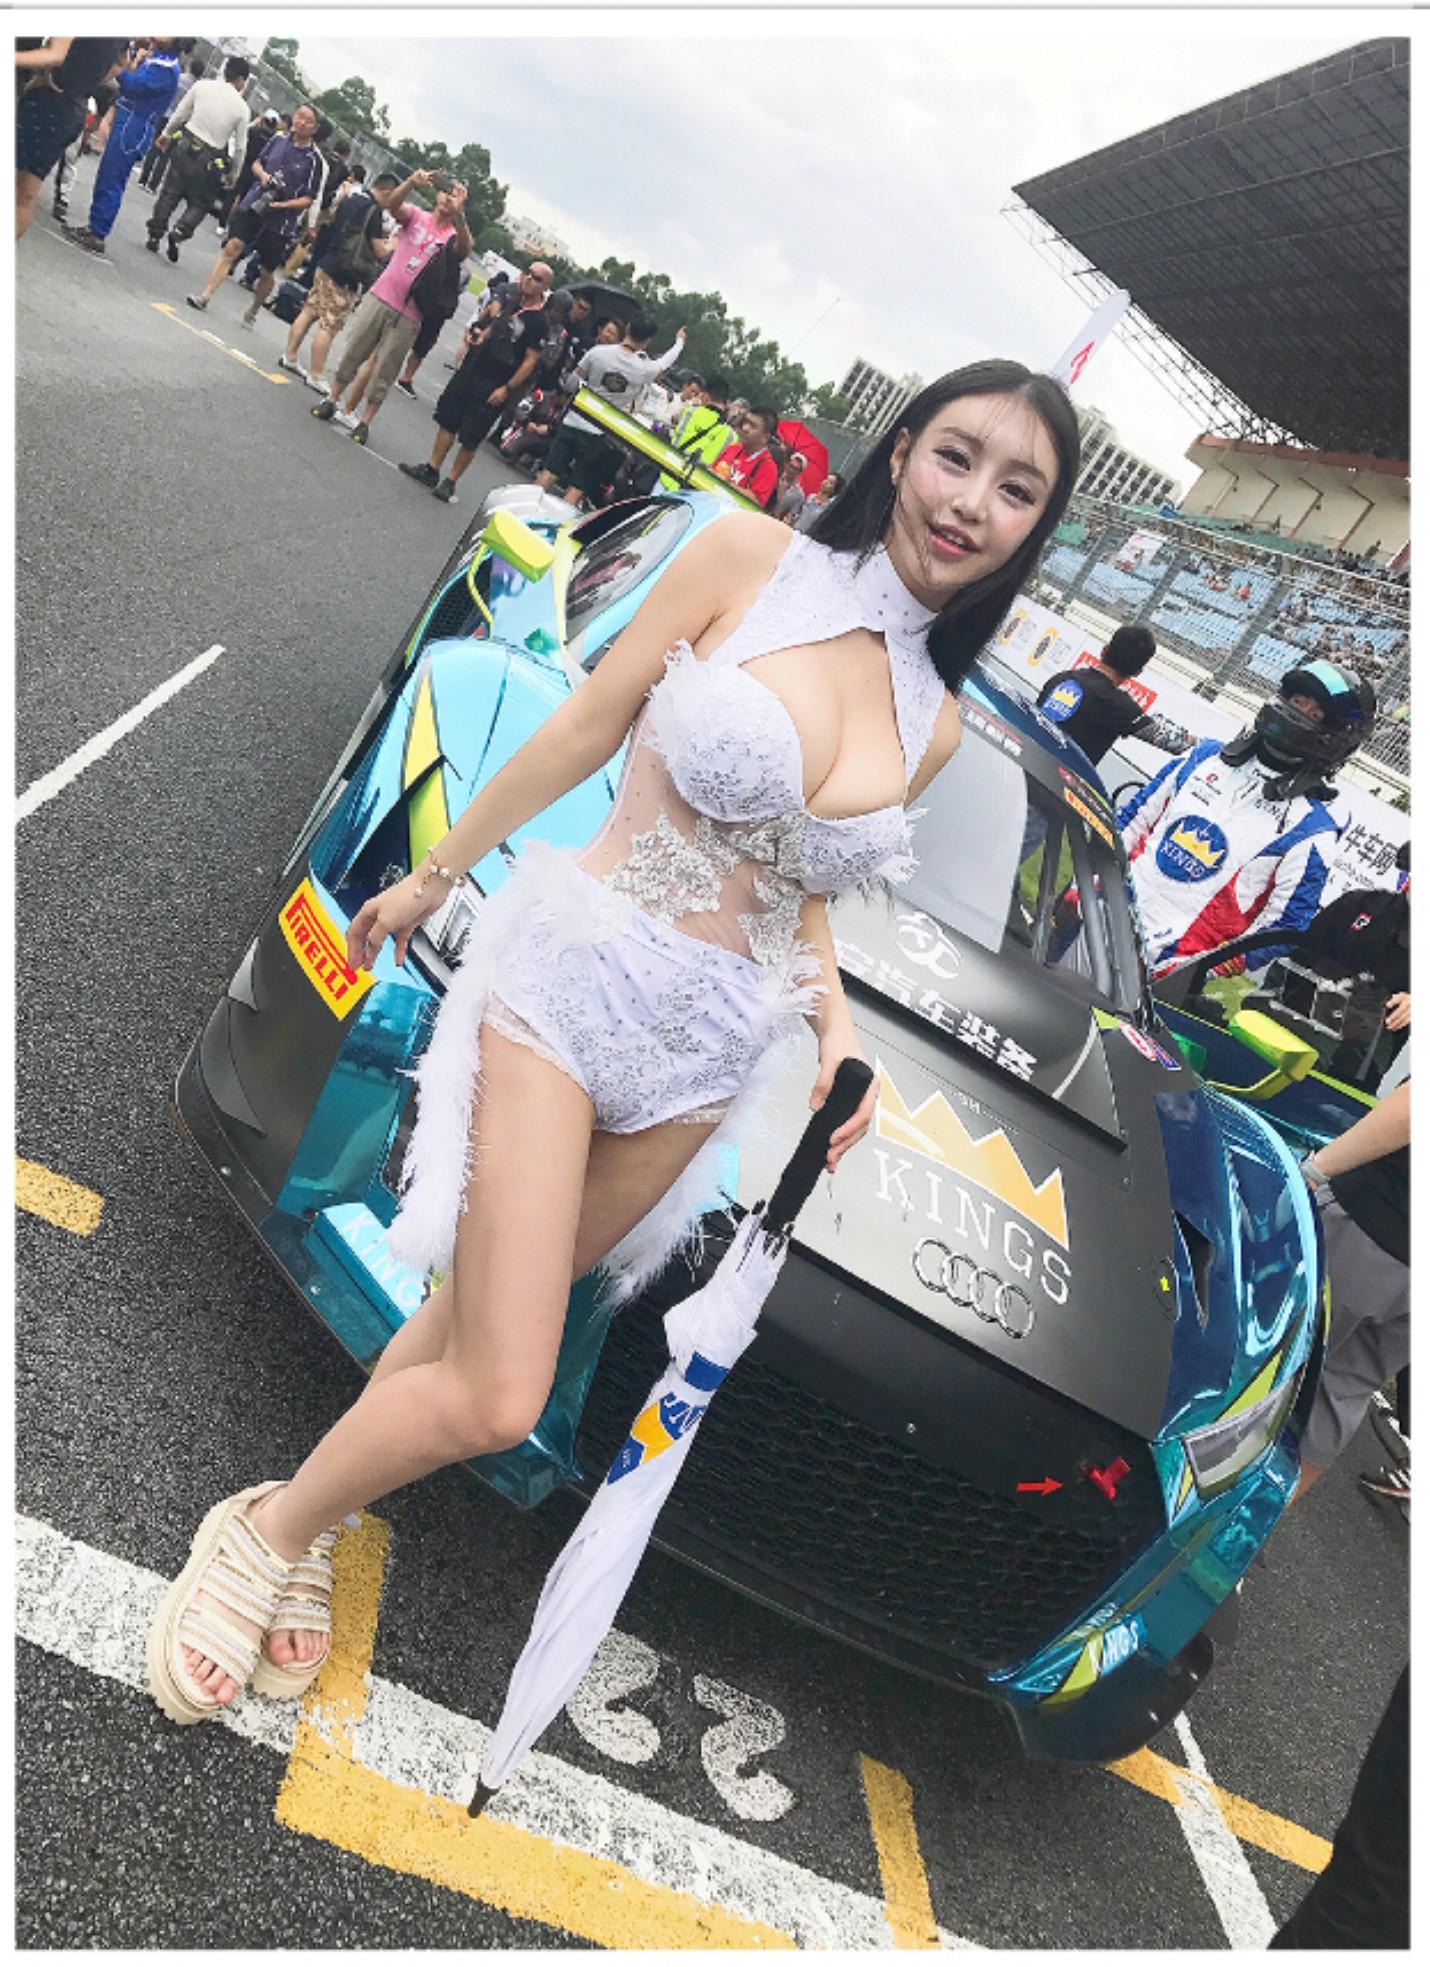 image http://scanlover.com/assets/images/7847-r0EMrs0z6GOwqKyQ.jpeg